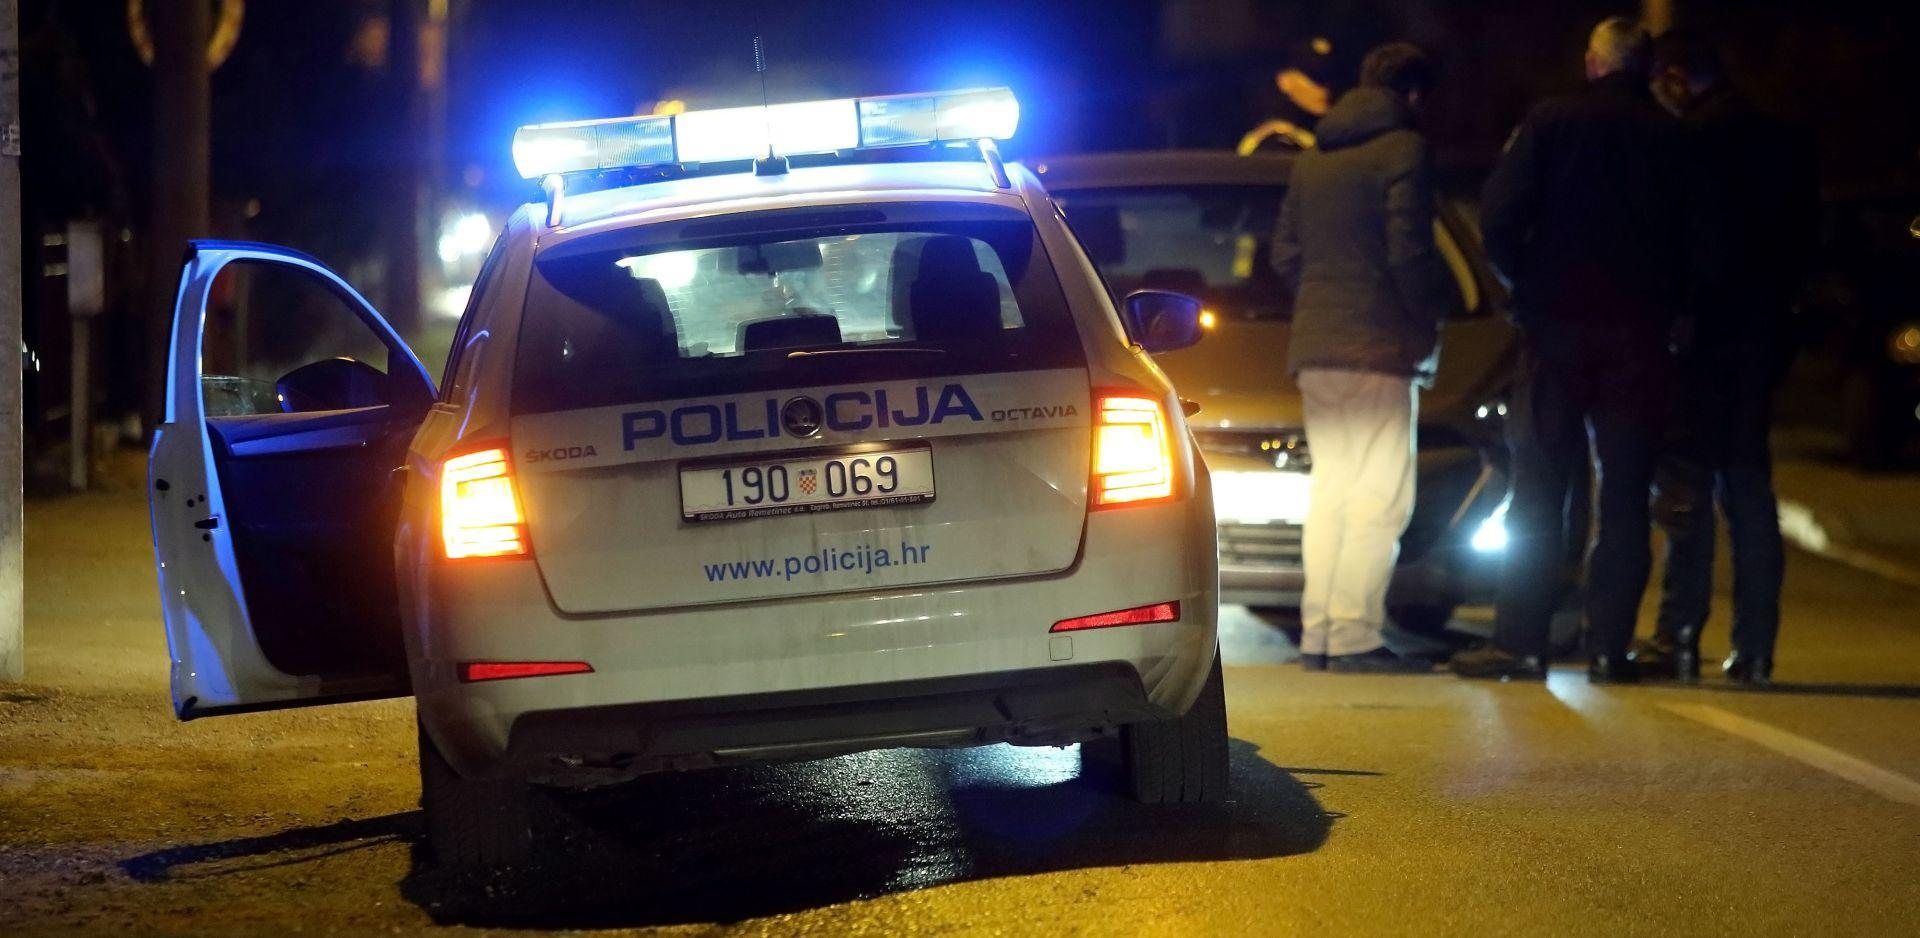 SPLIT Dvojica maskiranih razbojnika opljačkala hipermarket, pobjegli s 200 tisuća kuna